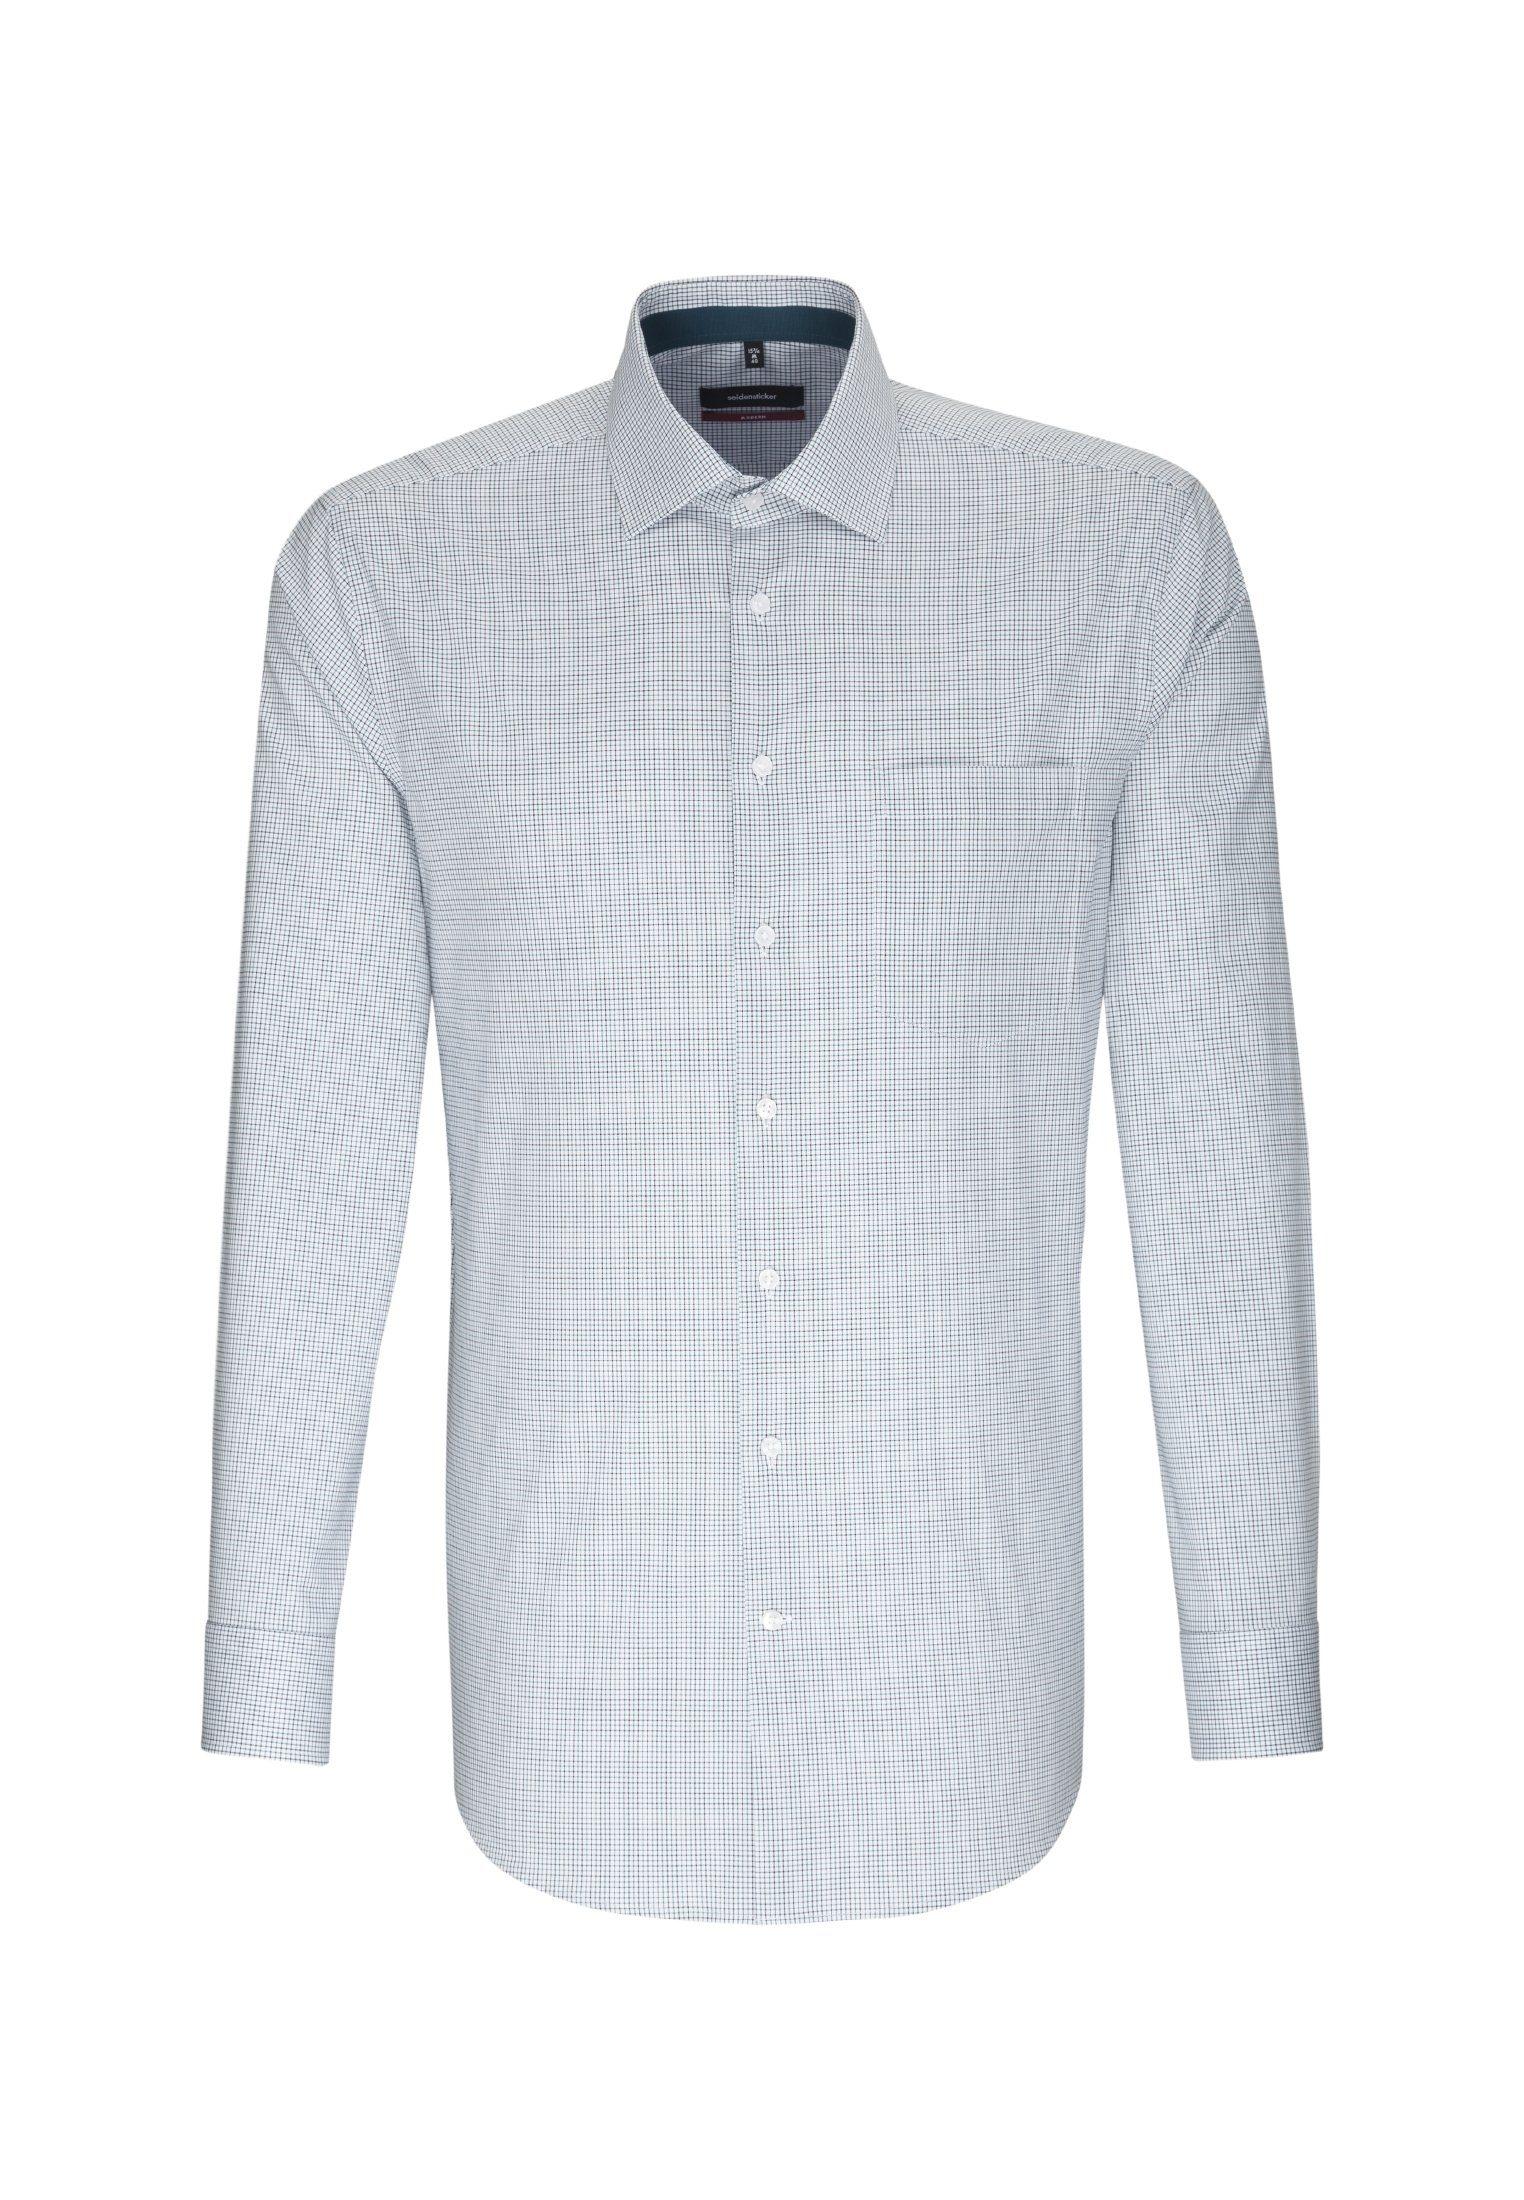 seidensticker Businesshemd Modern | Bekleidung > Hemden > Business Hemden | Seidensticker